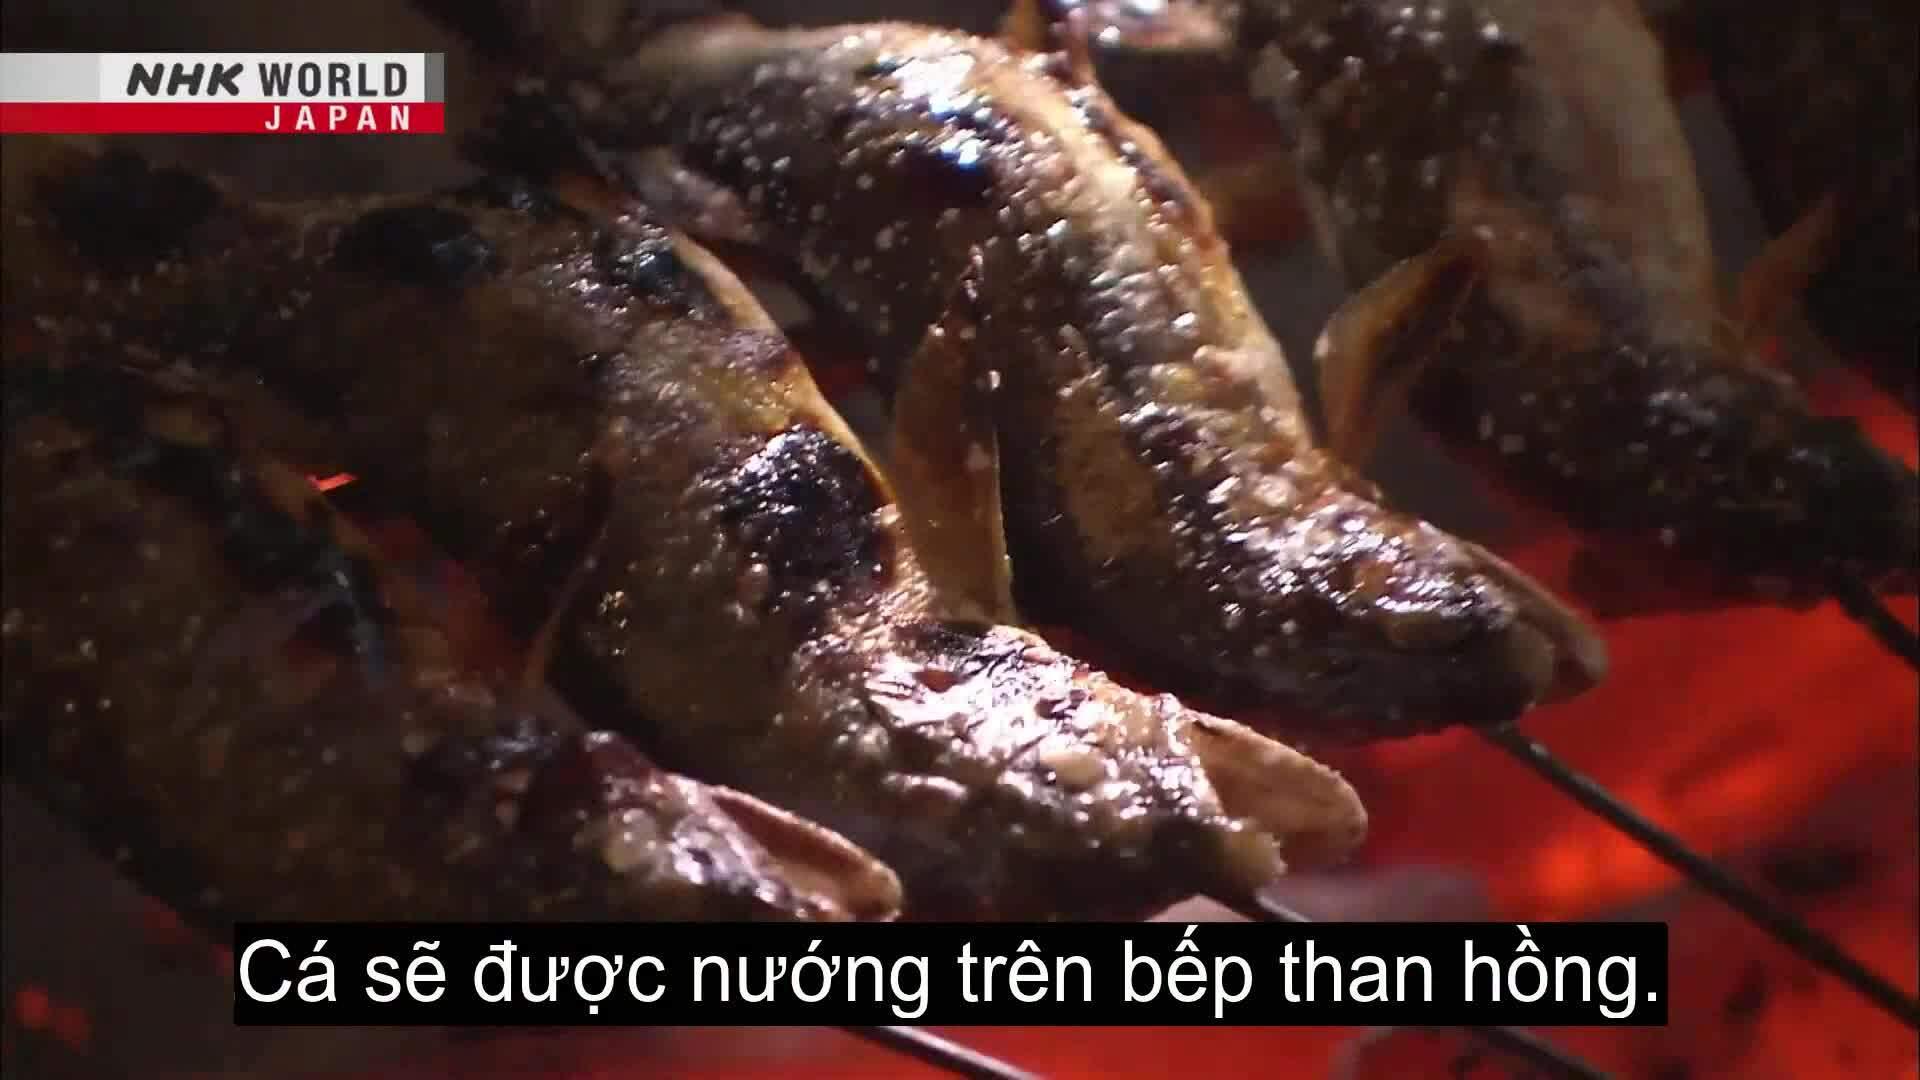 Nhà hàng hơn 400 năm bán cá thơm mùa hè